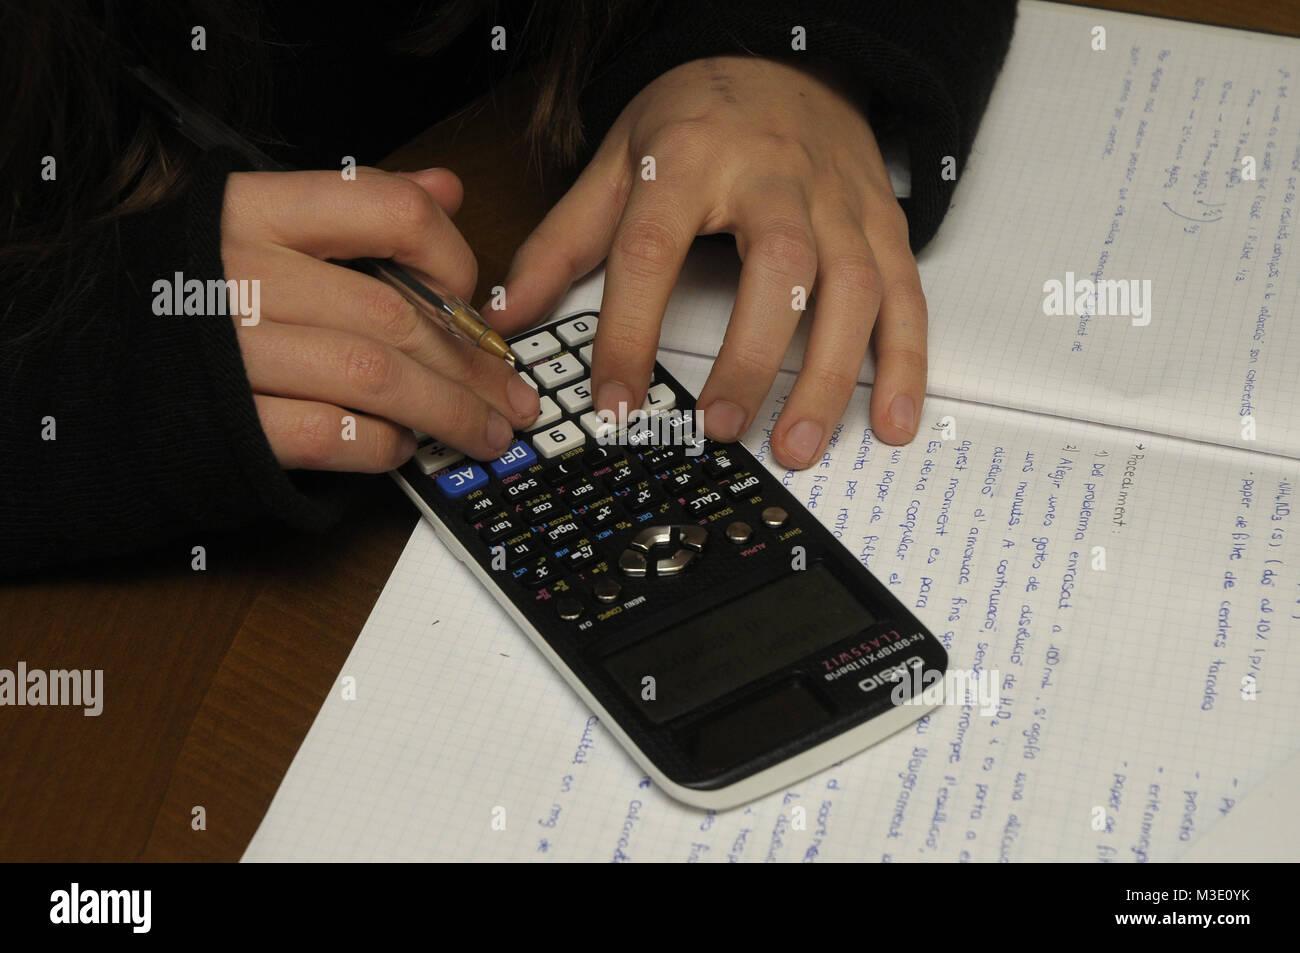 Mani con un calcolatore elettronico da un ingegneria chimica studente Immagini Stock